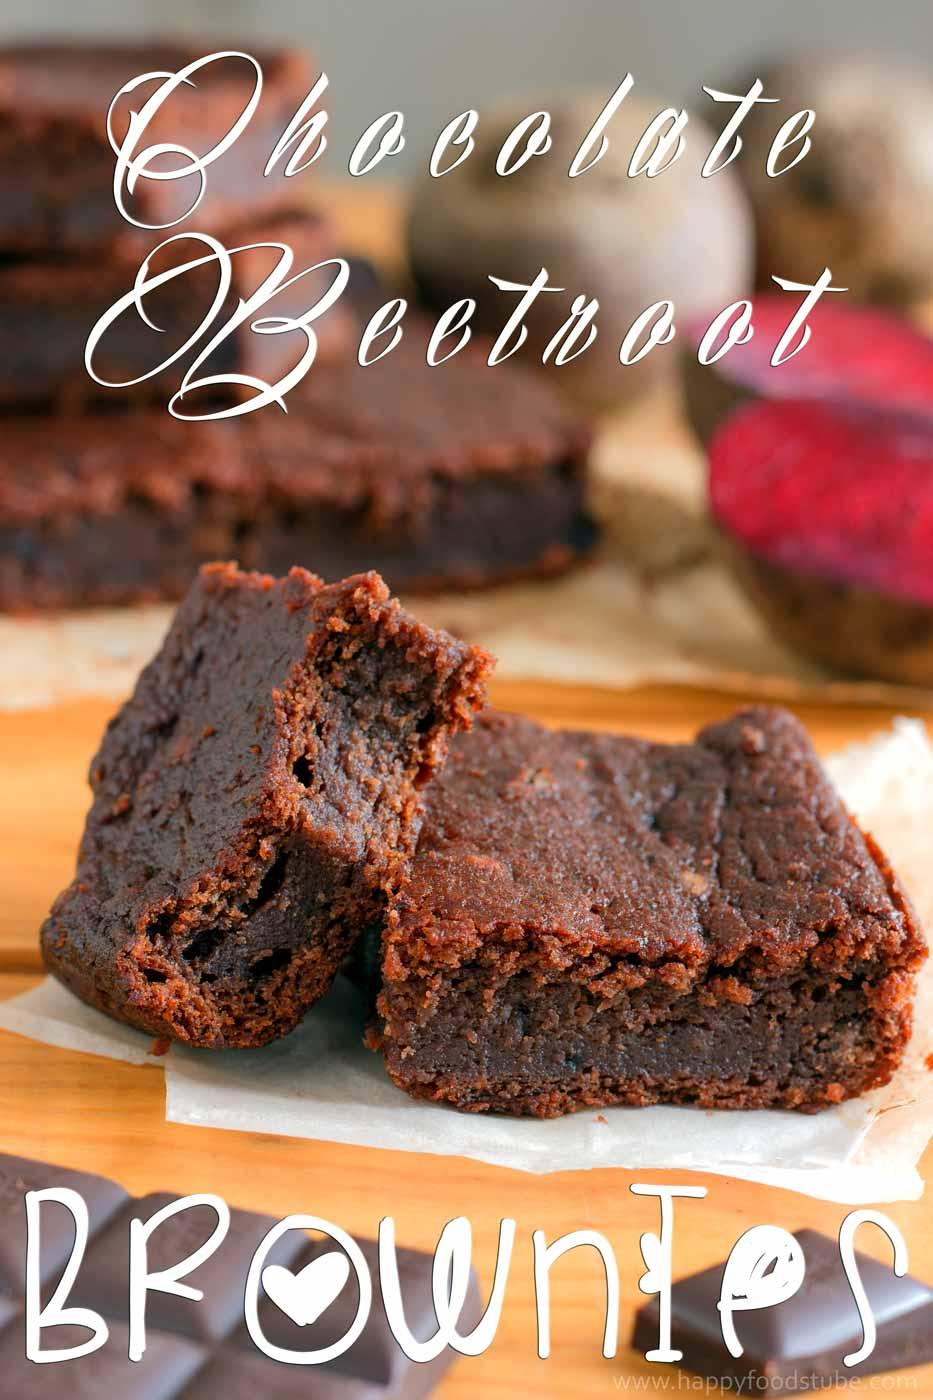 Chocolate-Beetroot-Brownies